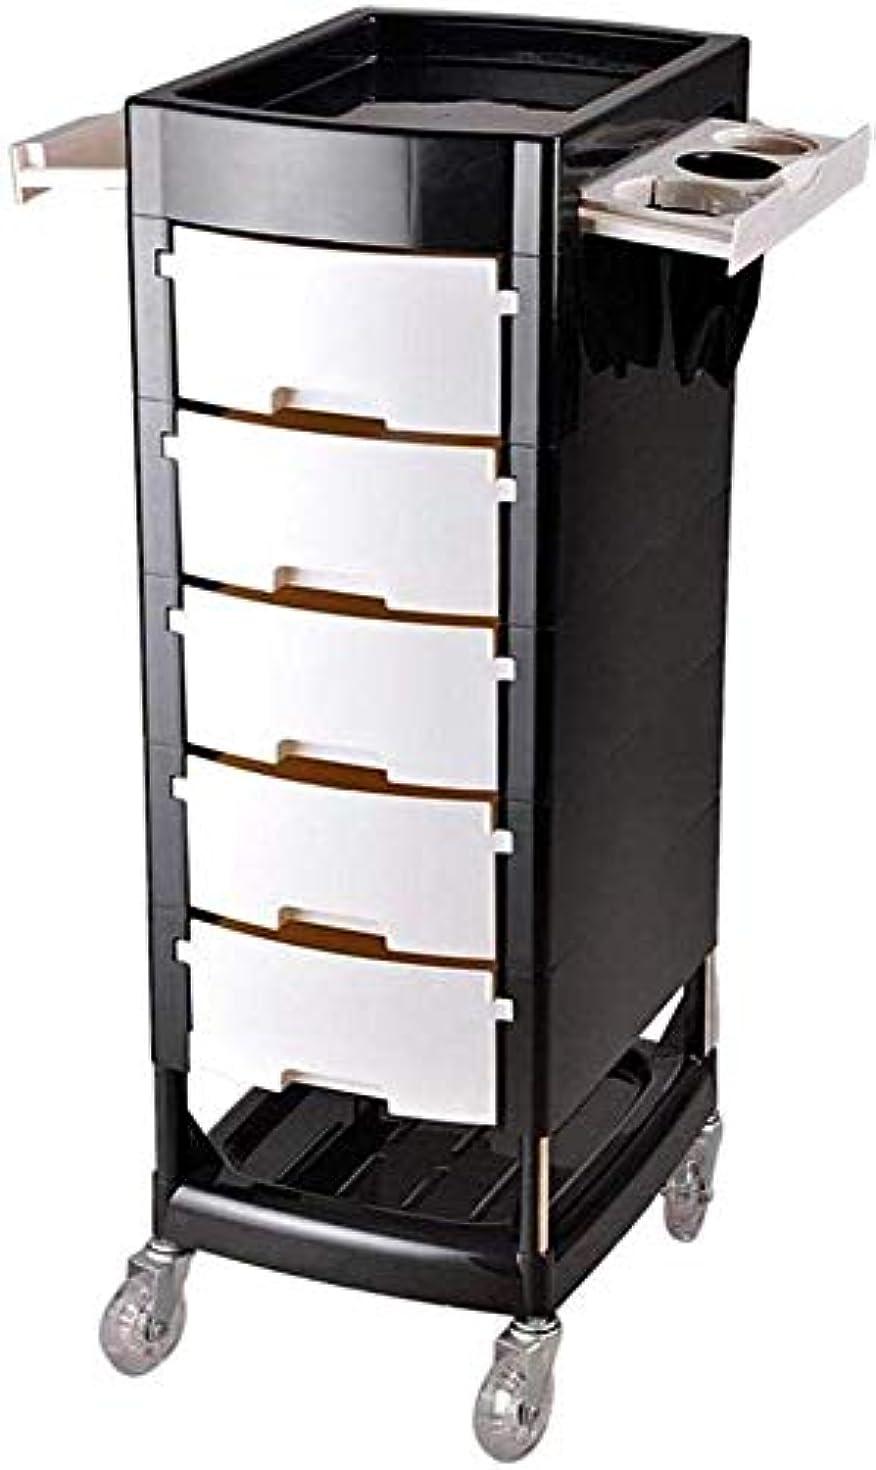 エージェント逸話香水工具収納、ホワイトのための5つの引き出しと美容美容サロントロリーストレージカートヘアカラーサロンSPAトレイヘアドライヤーホルダー